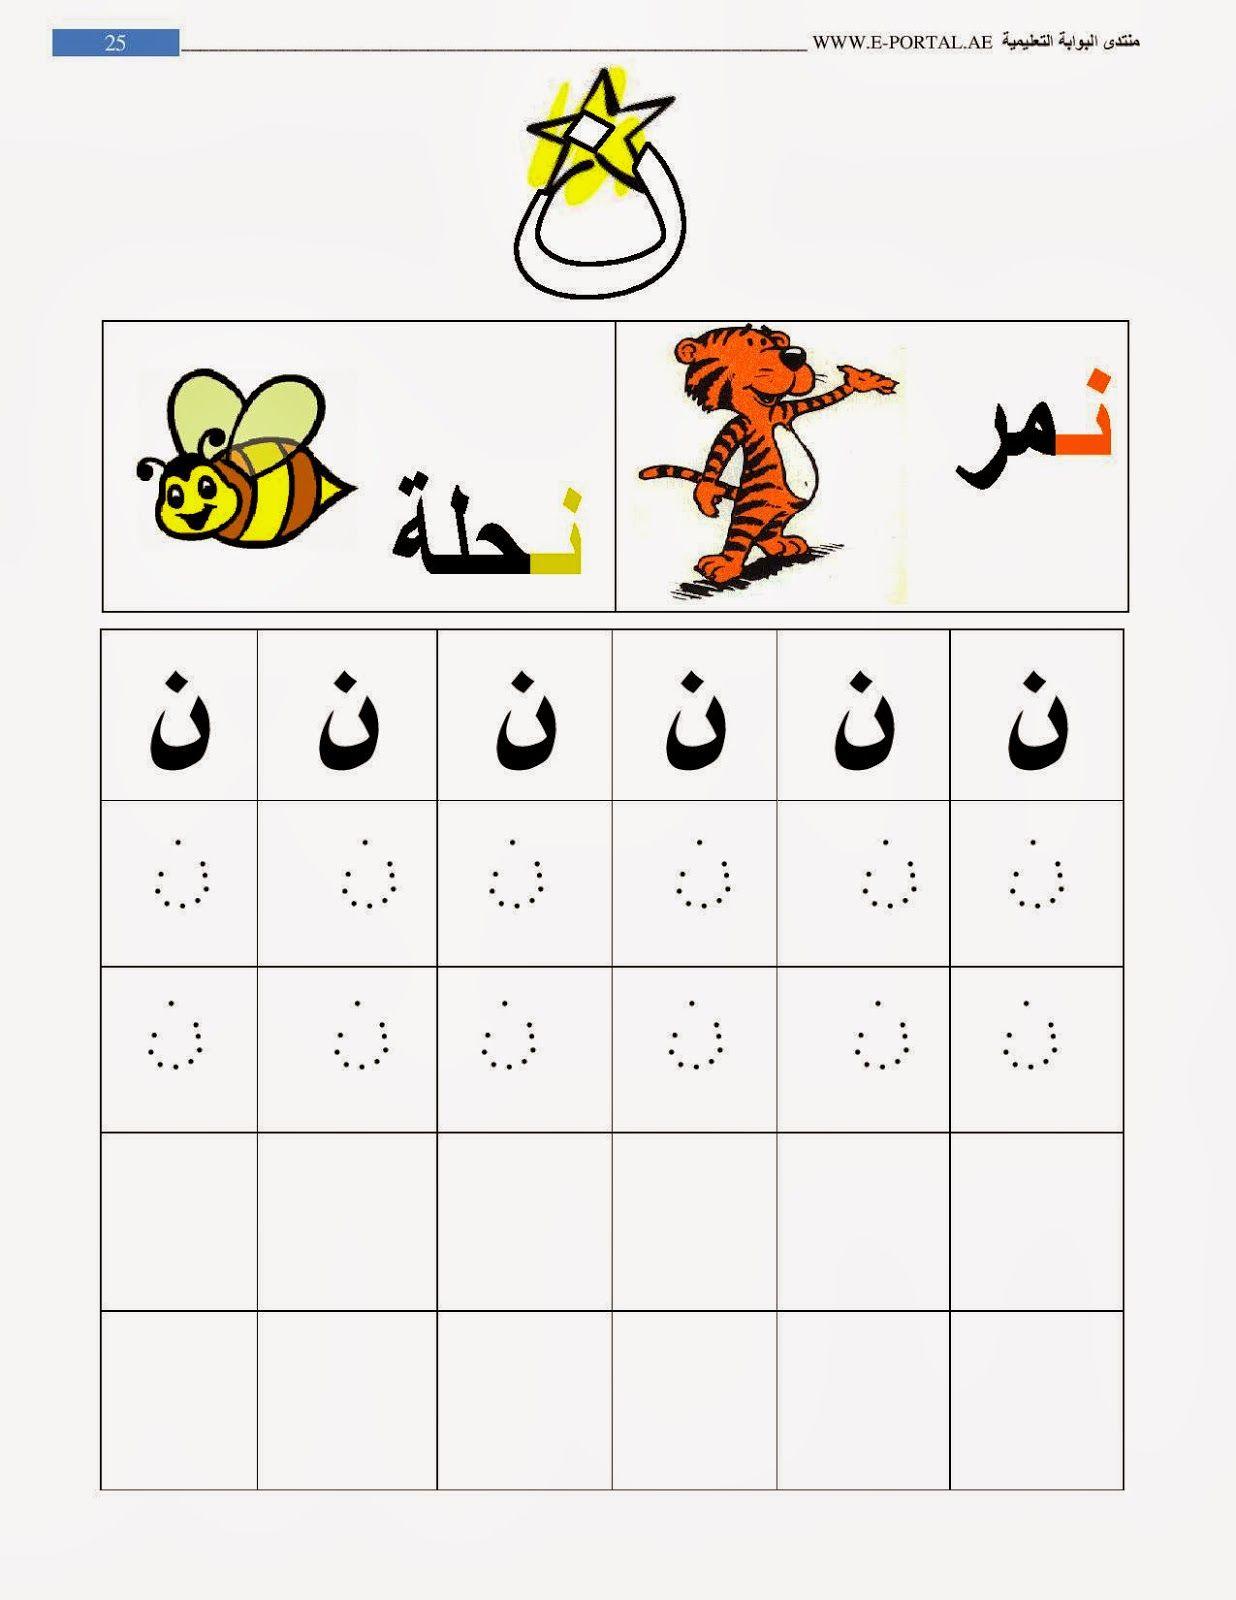 روضة العلم للاطفال كراسة حروف الهجاء Arabic Alphabet Arabic Alphabet For Kids Learn Arabic Alphabet